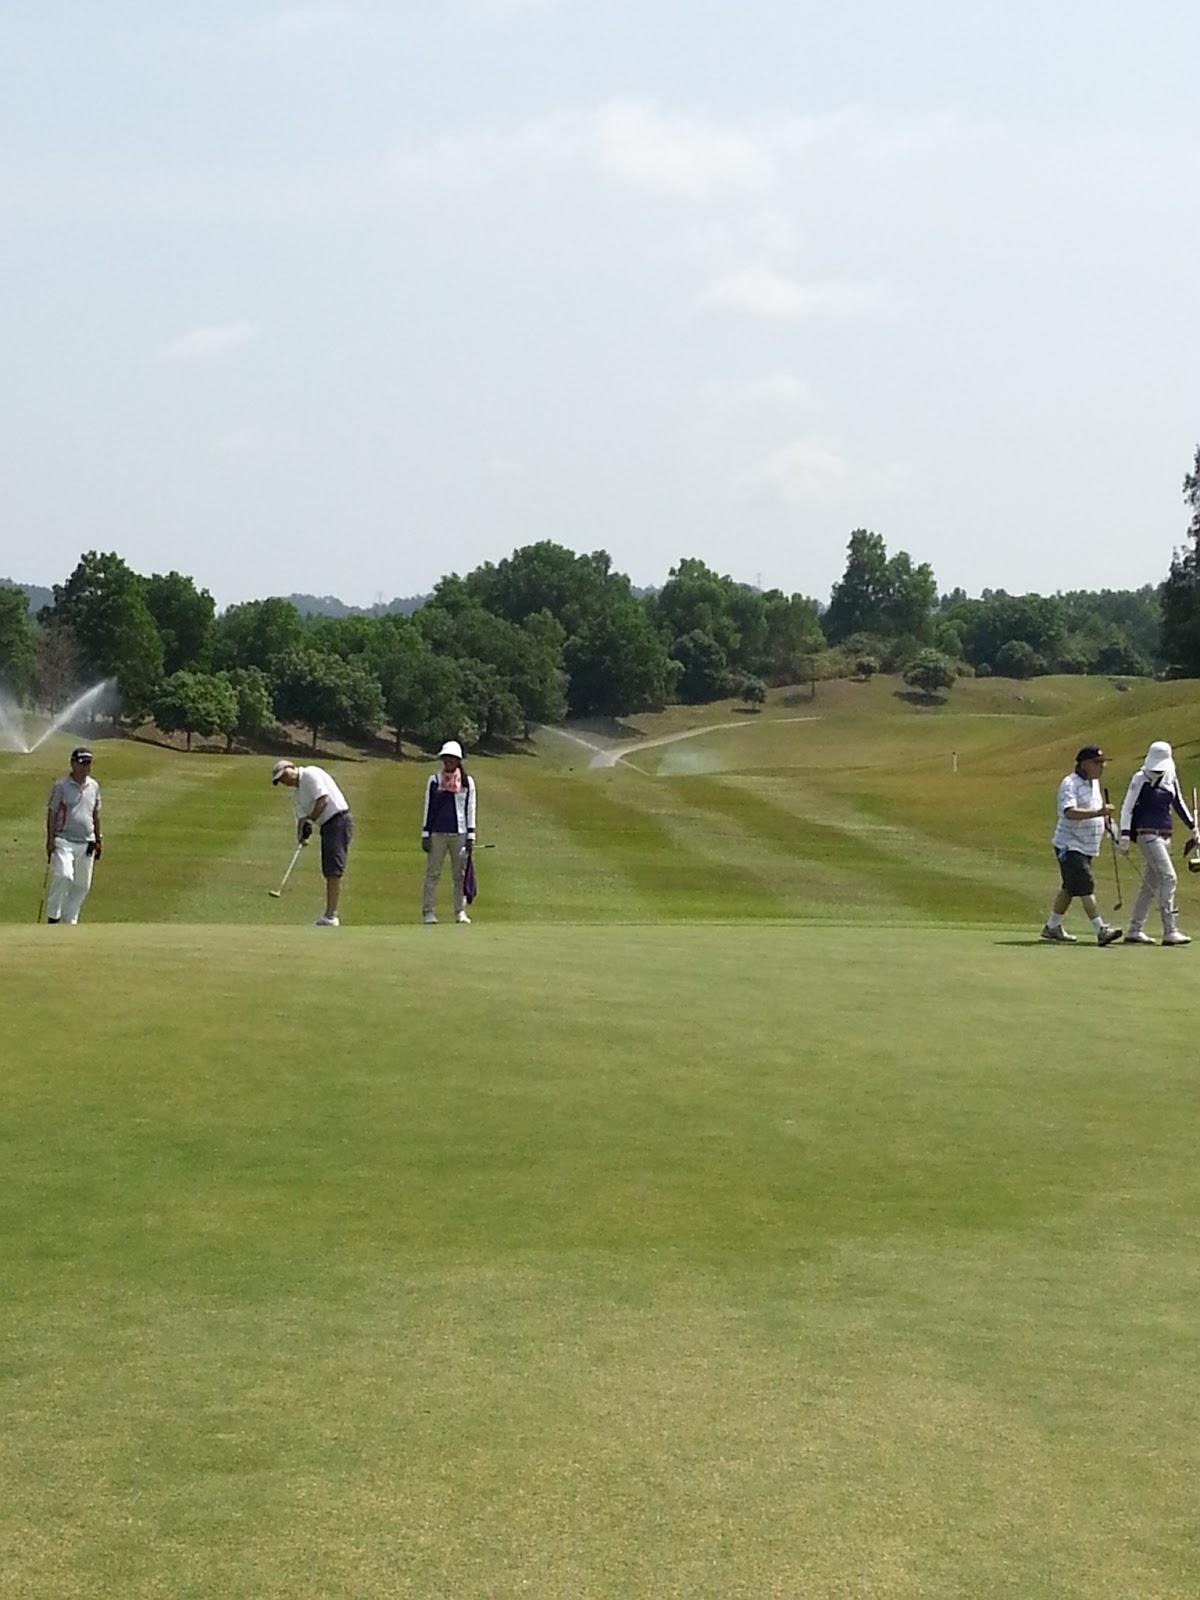 Fair dinkum golf